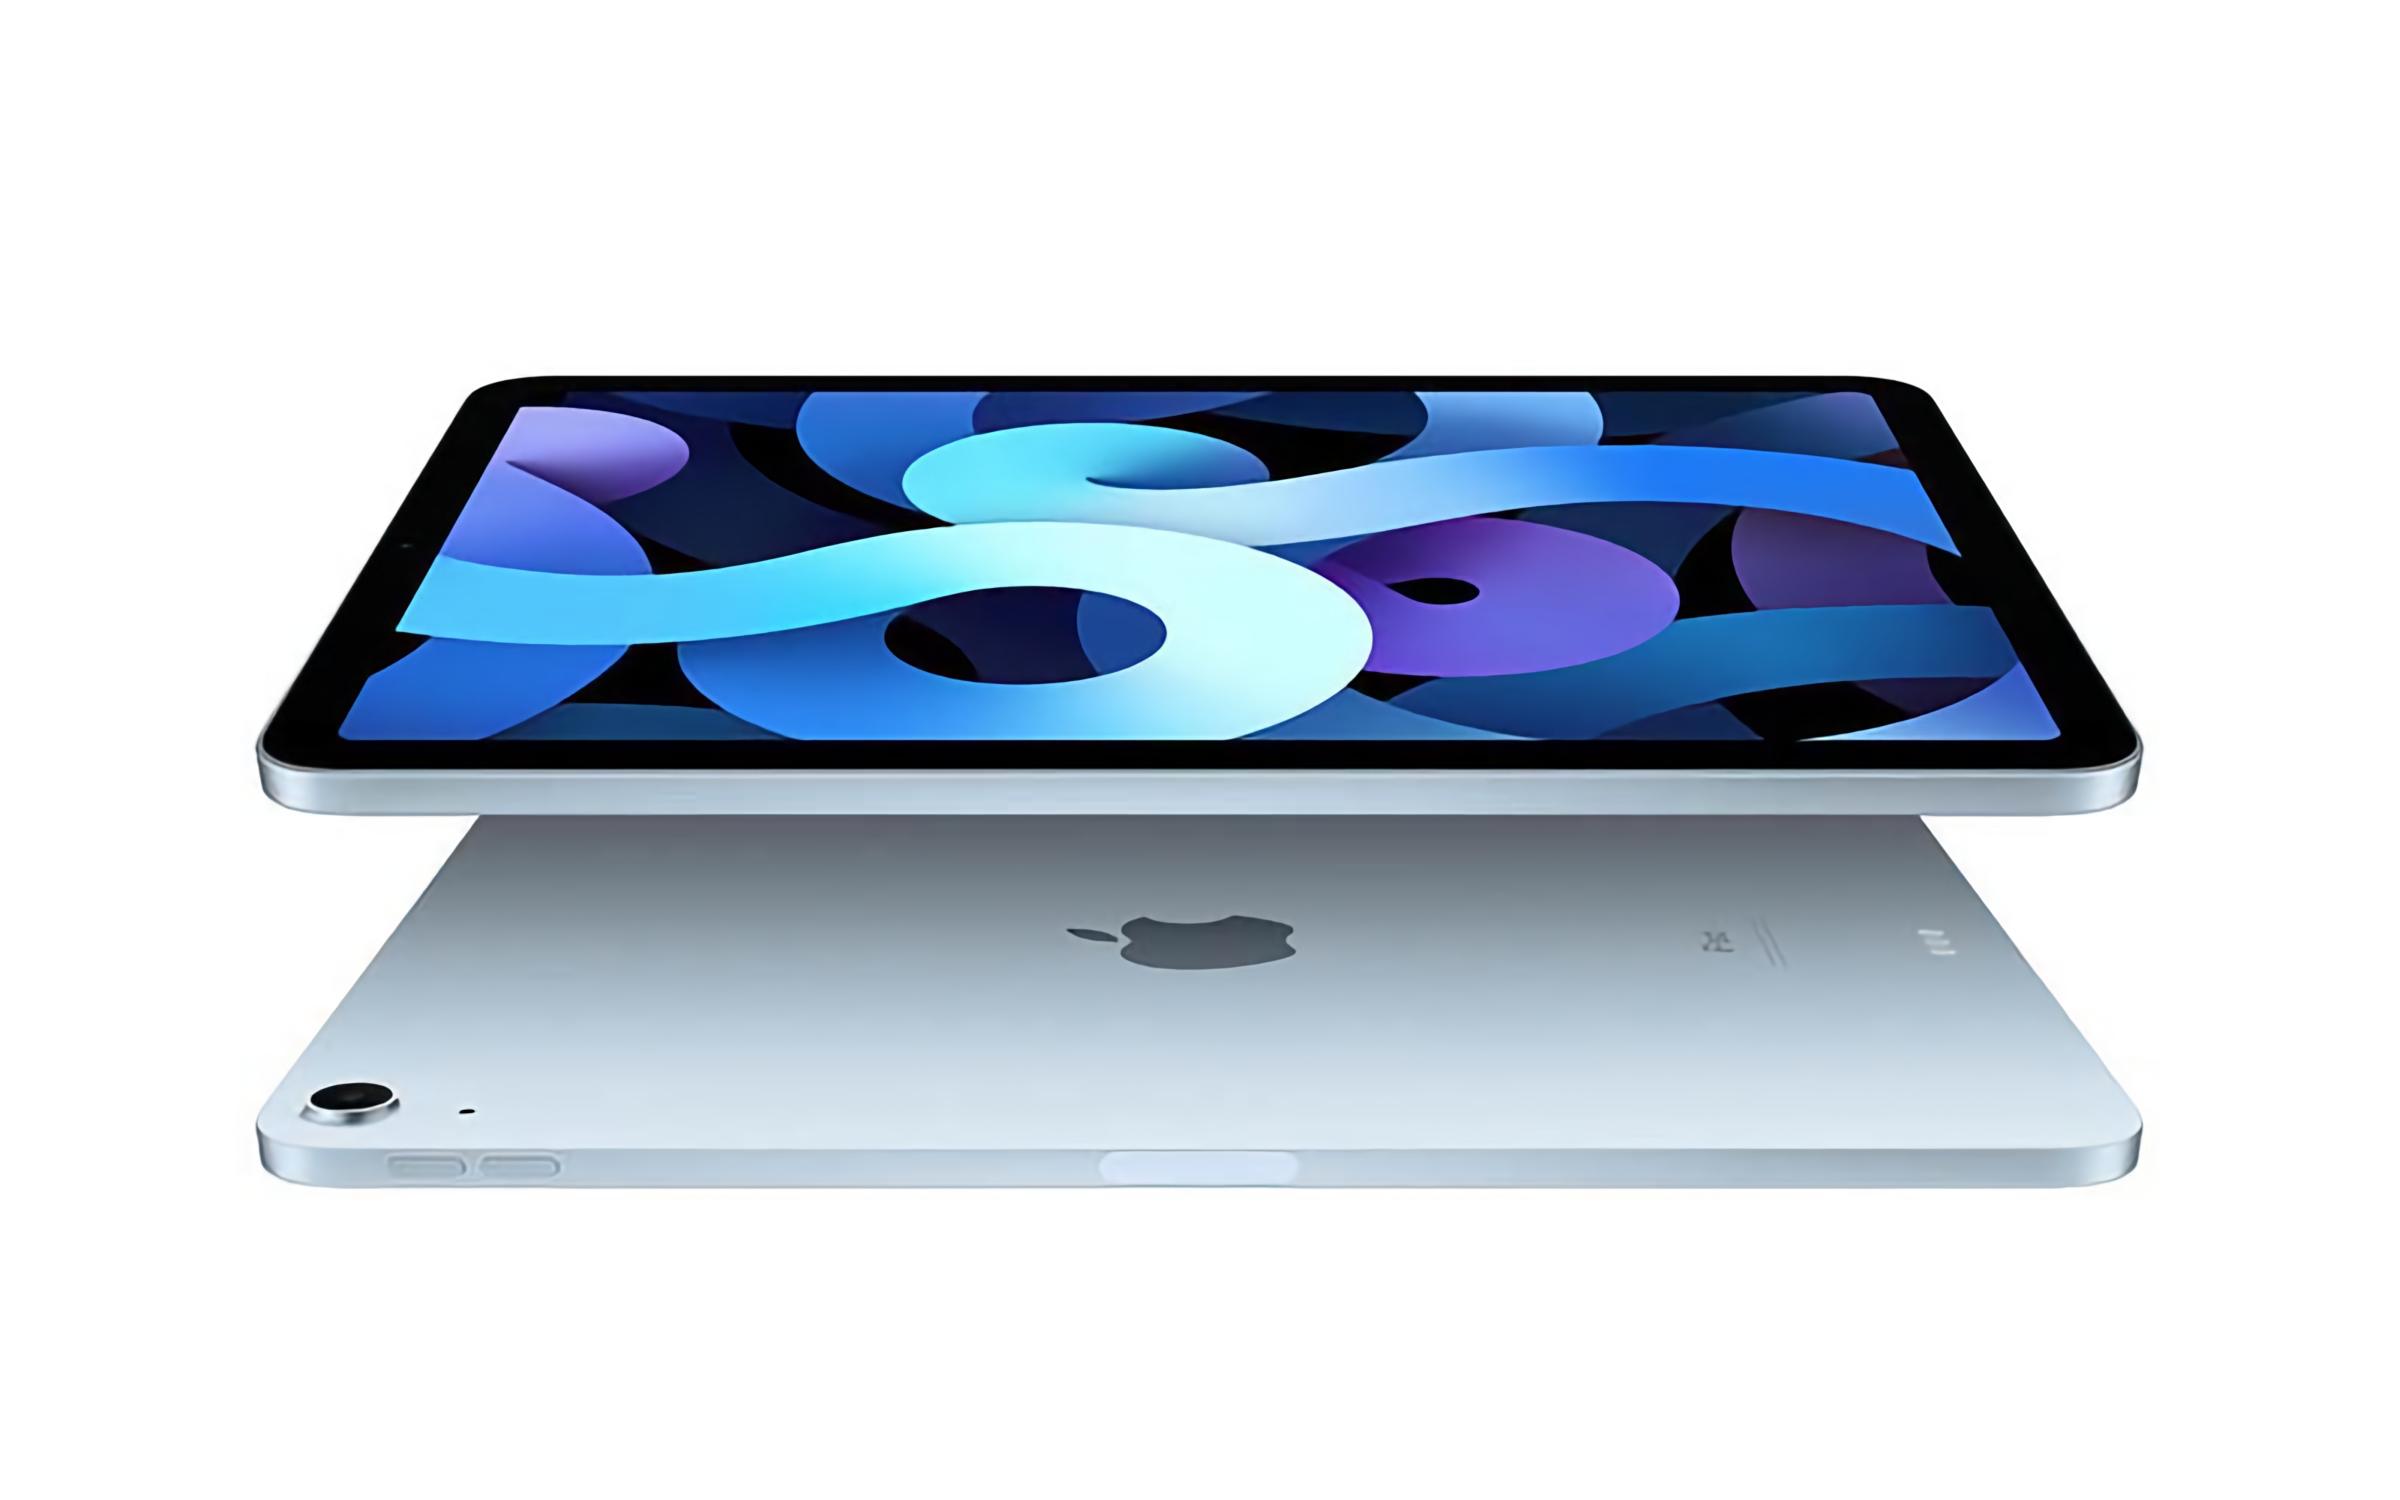 Инсайдер: Apple на презентации iPhone 12 раскроет дату старта продаж нового iPad Air